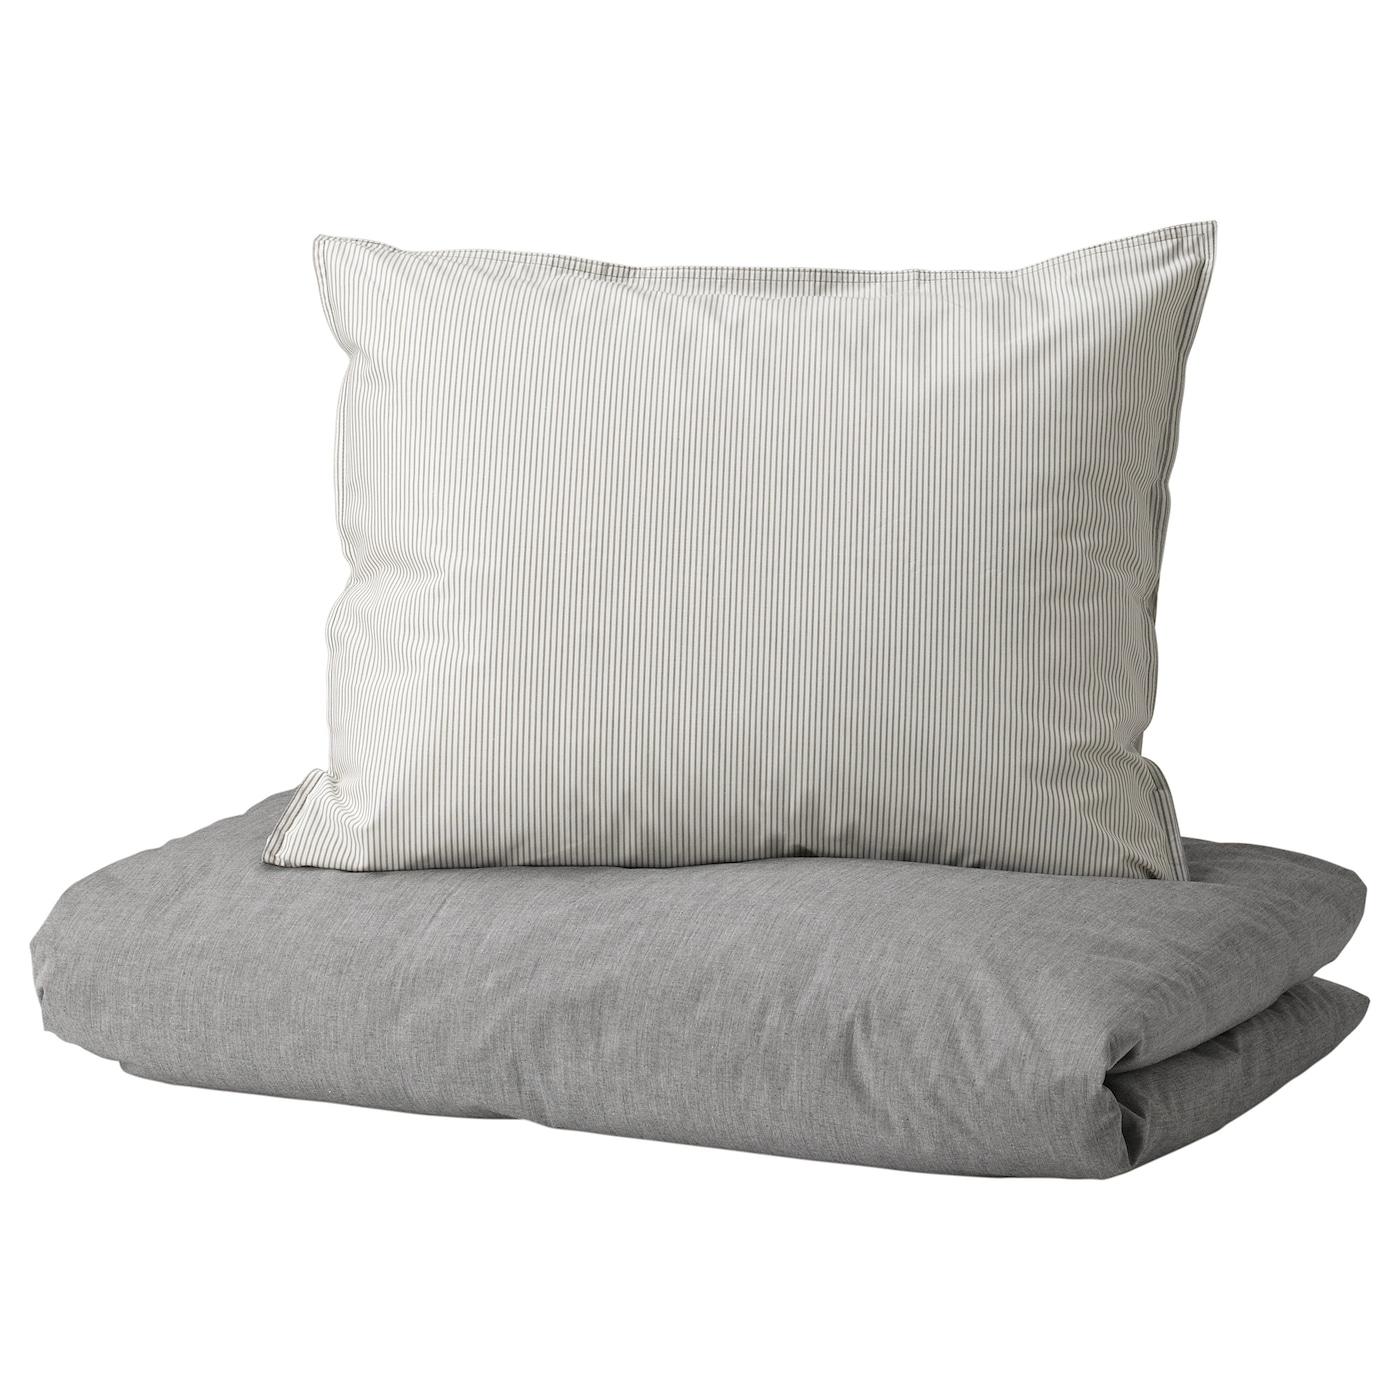 Blavinda Bettwascheset 2 Teilig Grau Ikea Osterreich